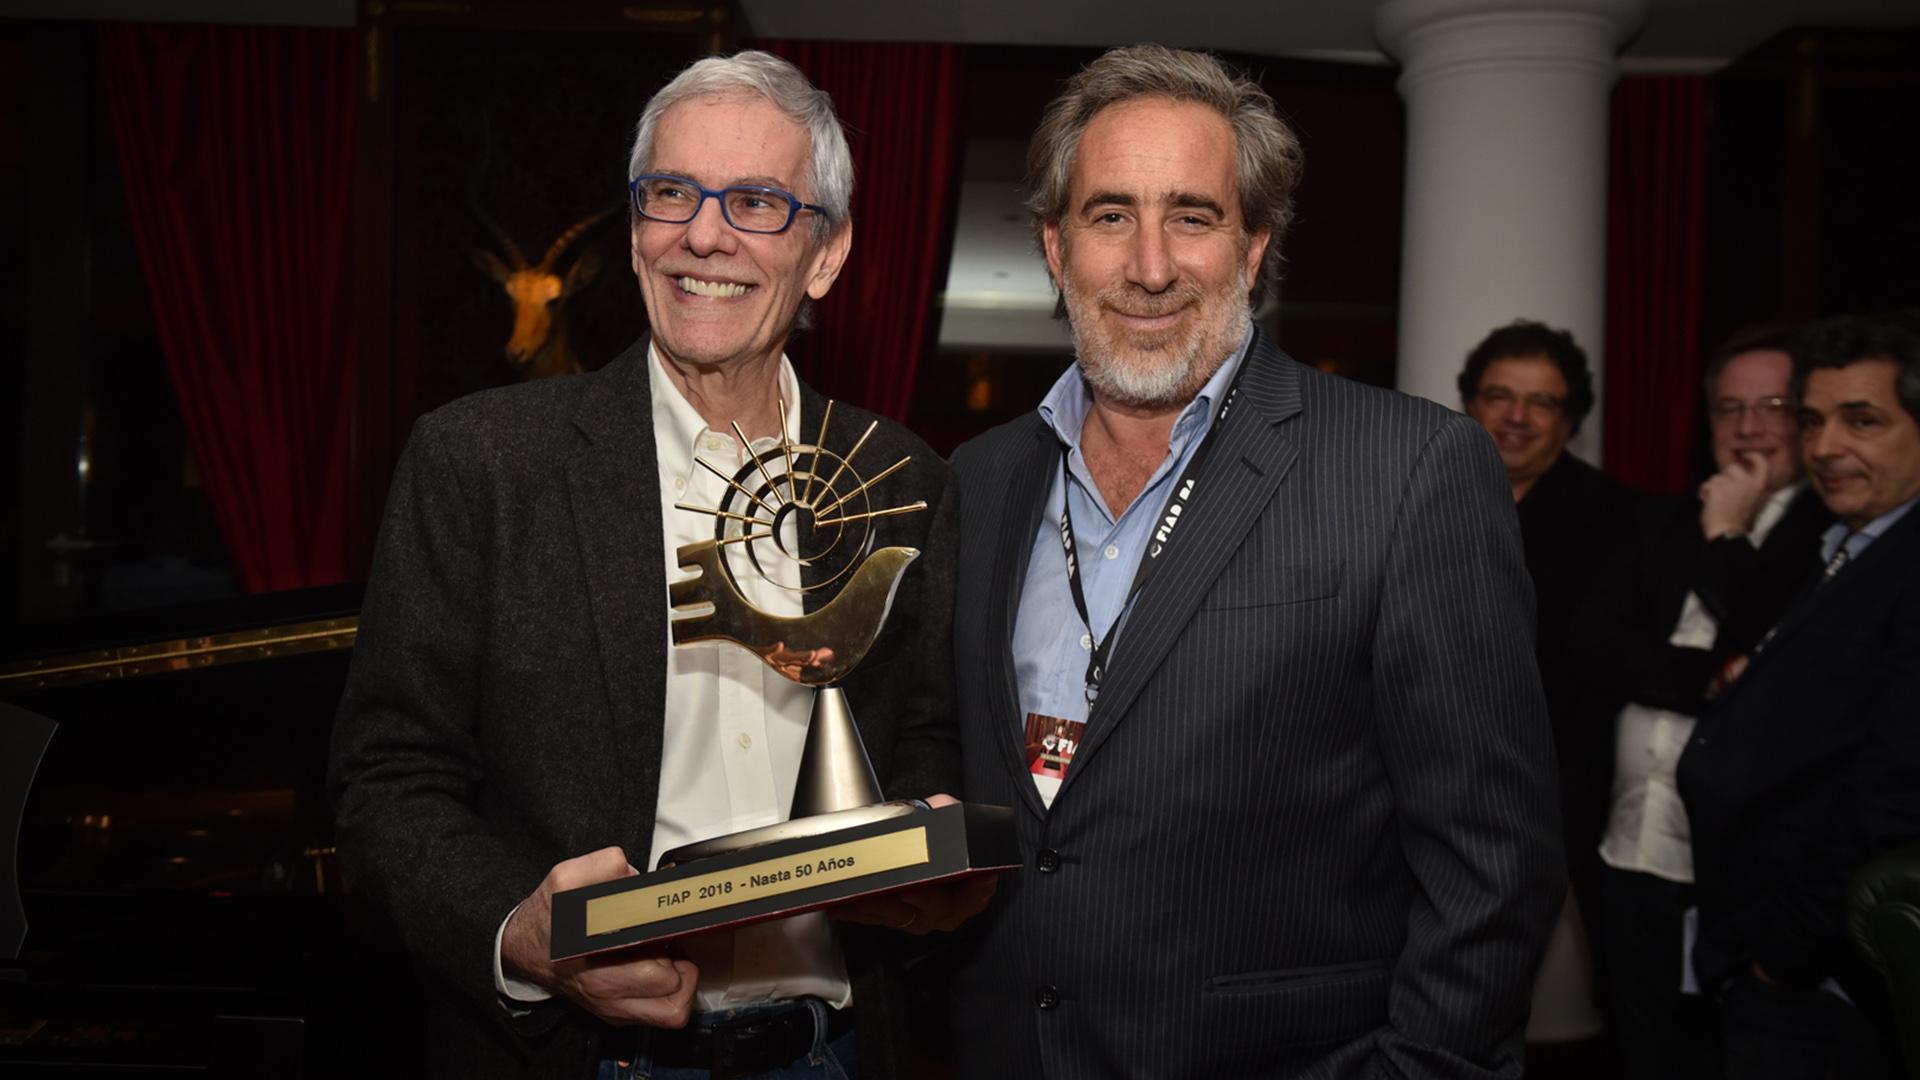 Daniel Nasta recibió una distinción por su trayectoria de 50 años en la industria publicitaria